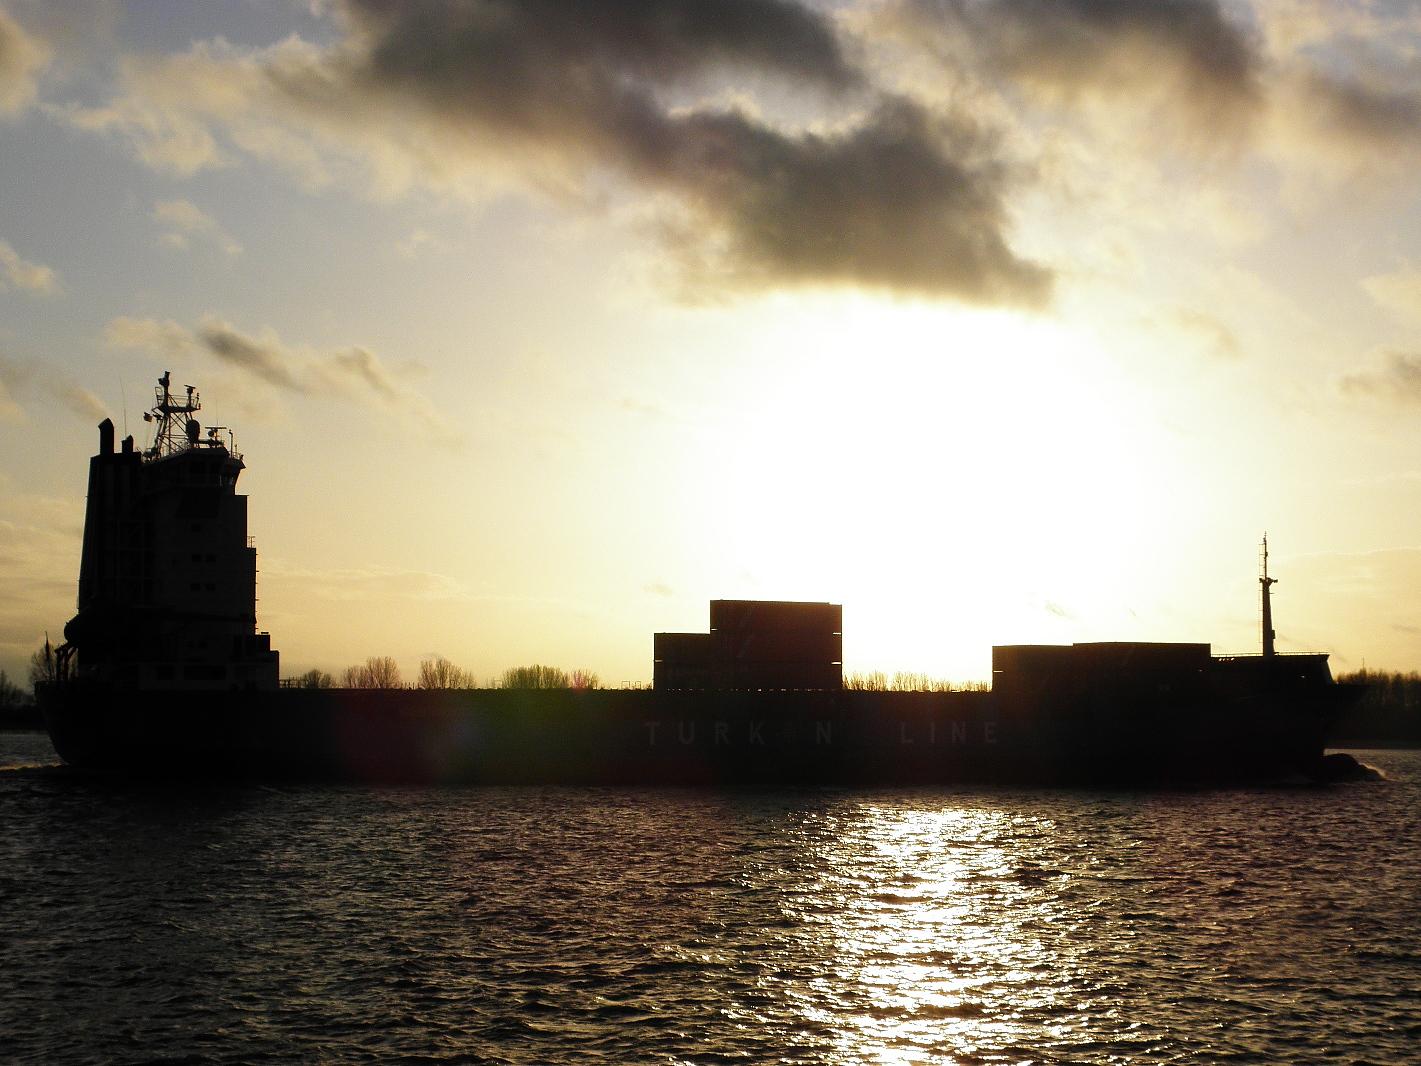 Der Sonne entgegen Kasif Kalkavan IMO 9236262